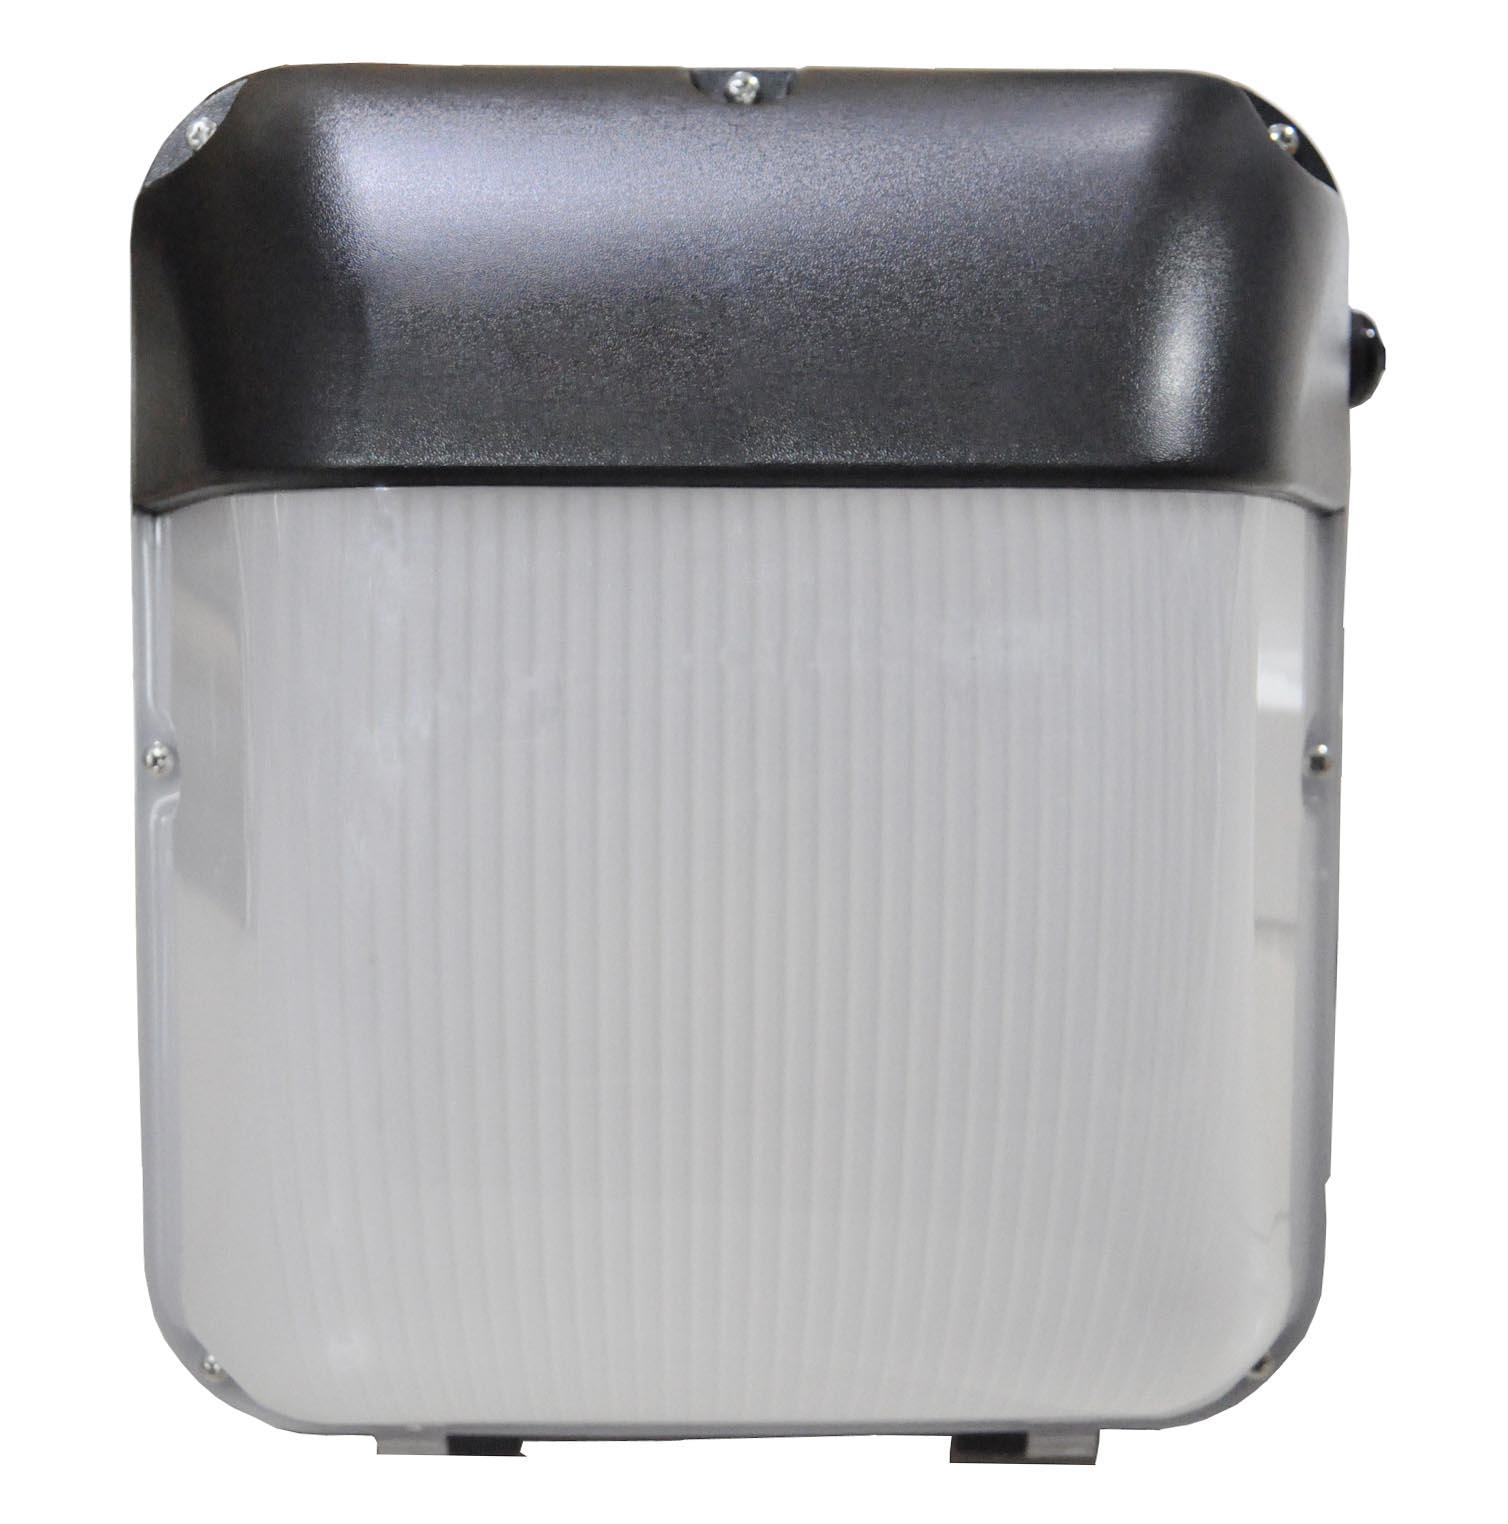 Bell Lighting Skyline Pro 30w Led Wallpack Ip65 4200k